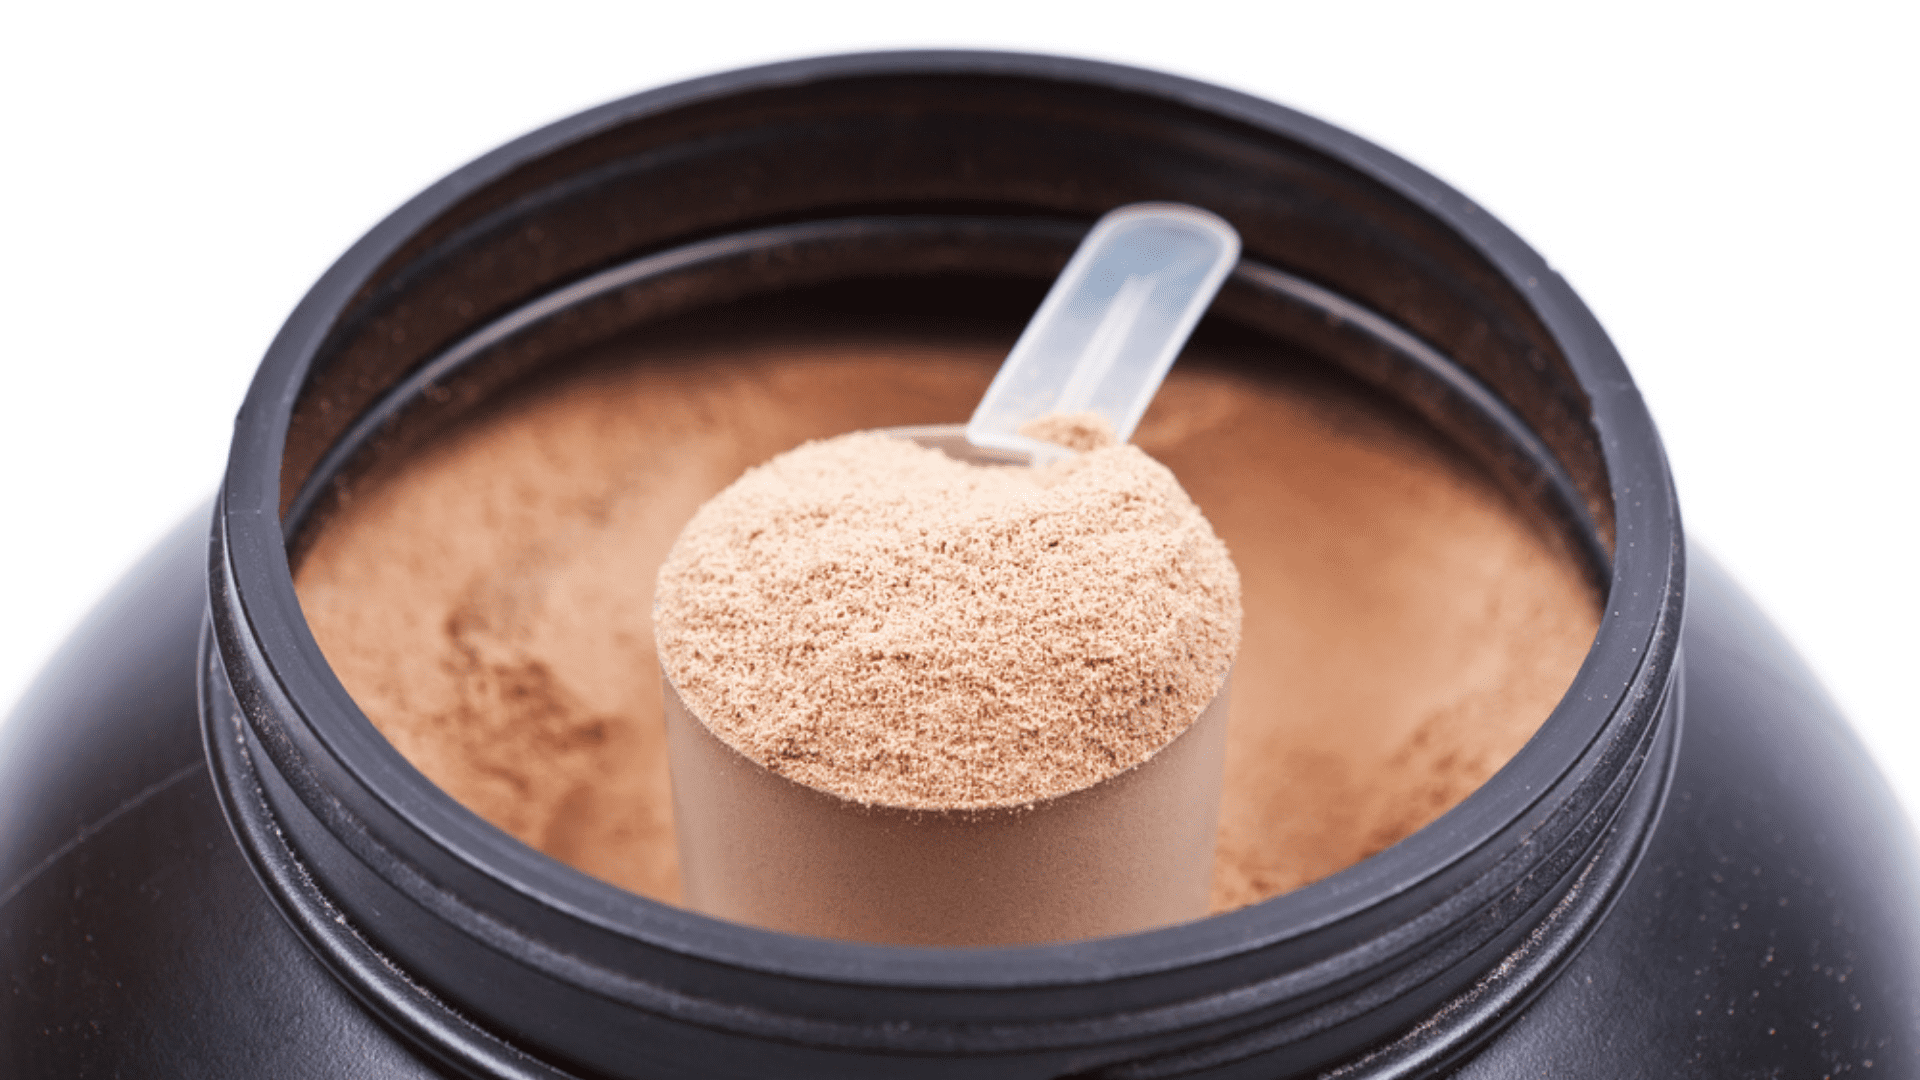 A creatina serve para fornecer energia aos músculos (Imagem: Reprodução/Shutterstock)